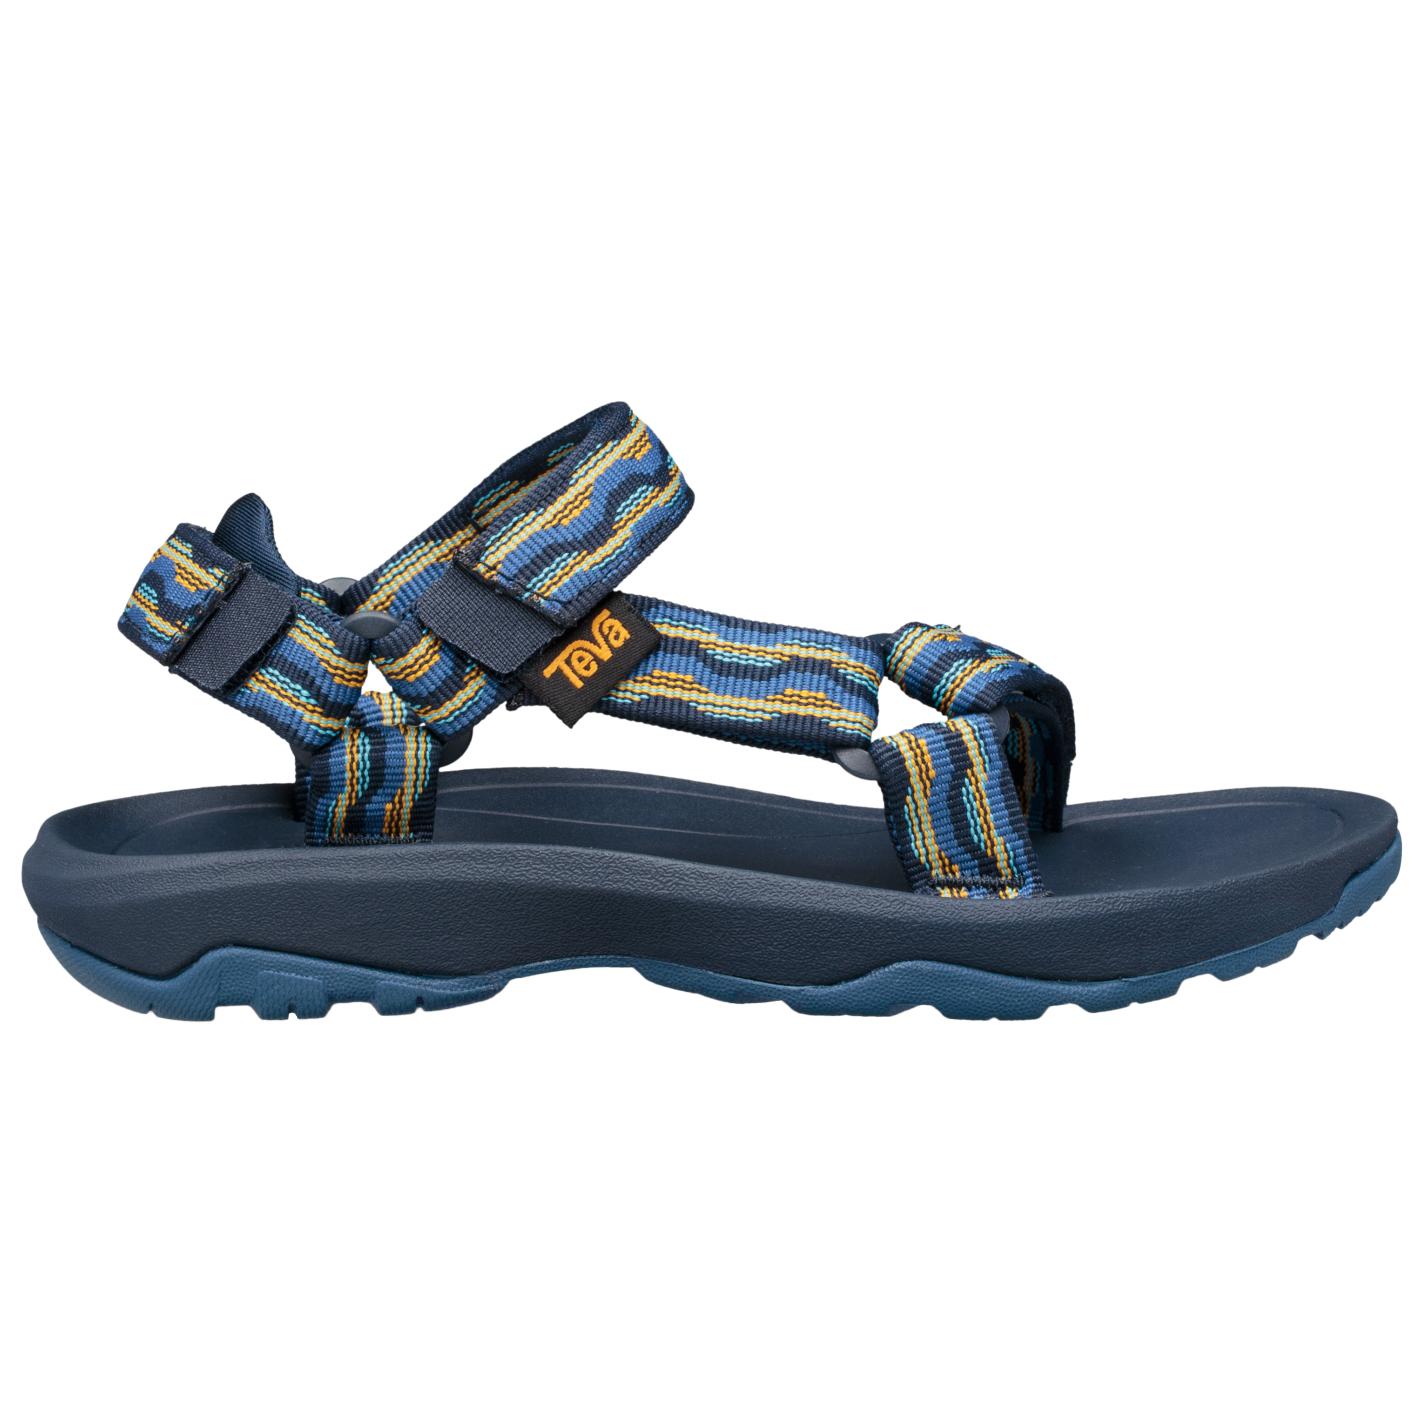 Teva Hurricane XLT 2 - Sandals Kids